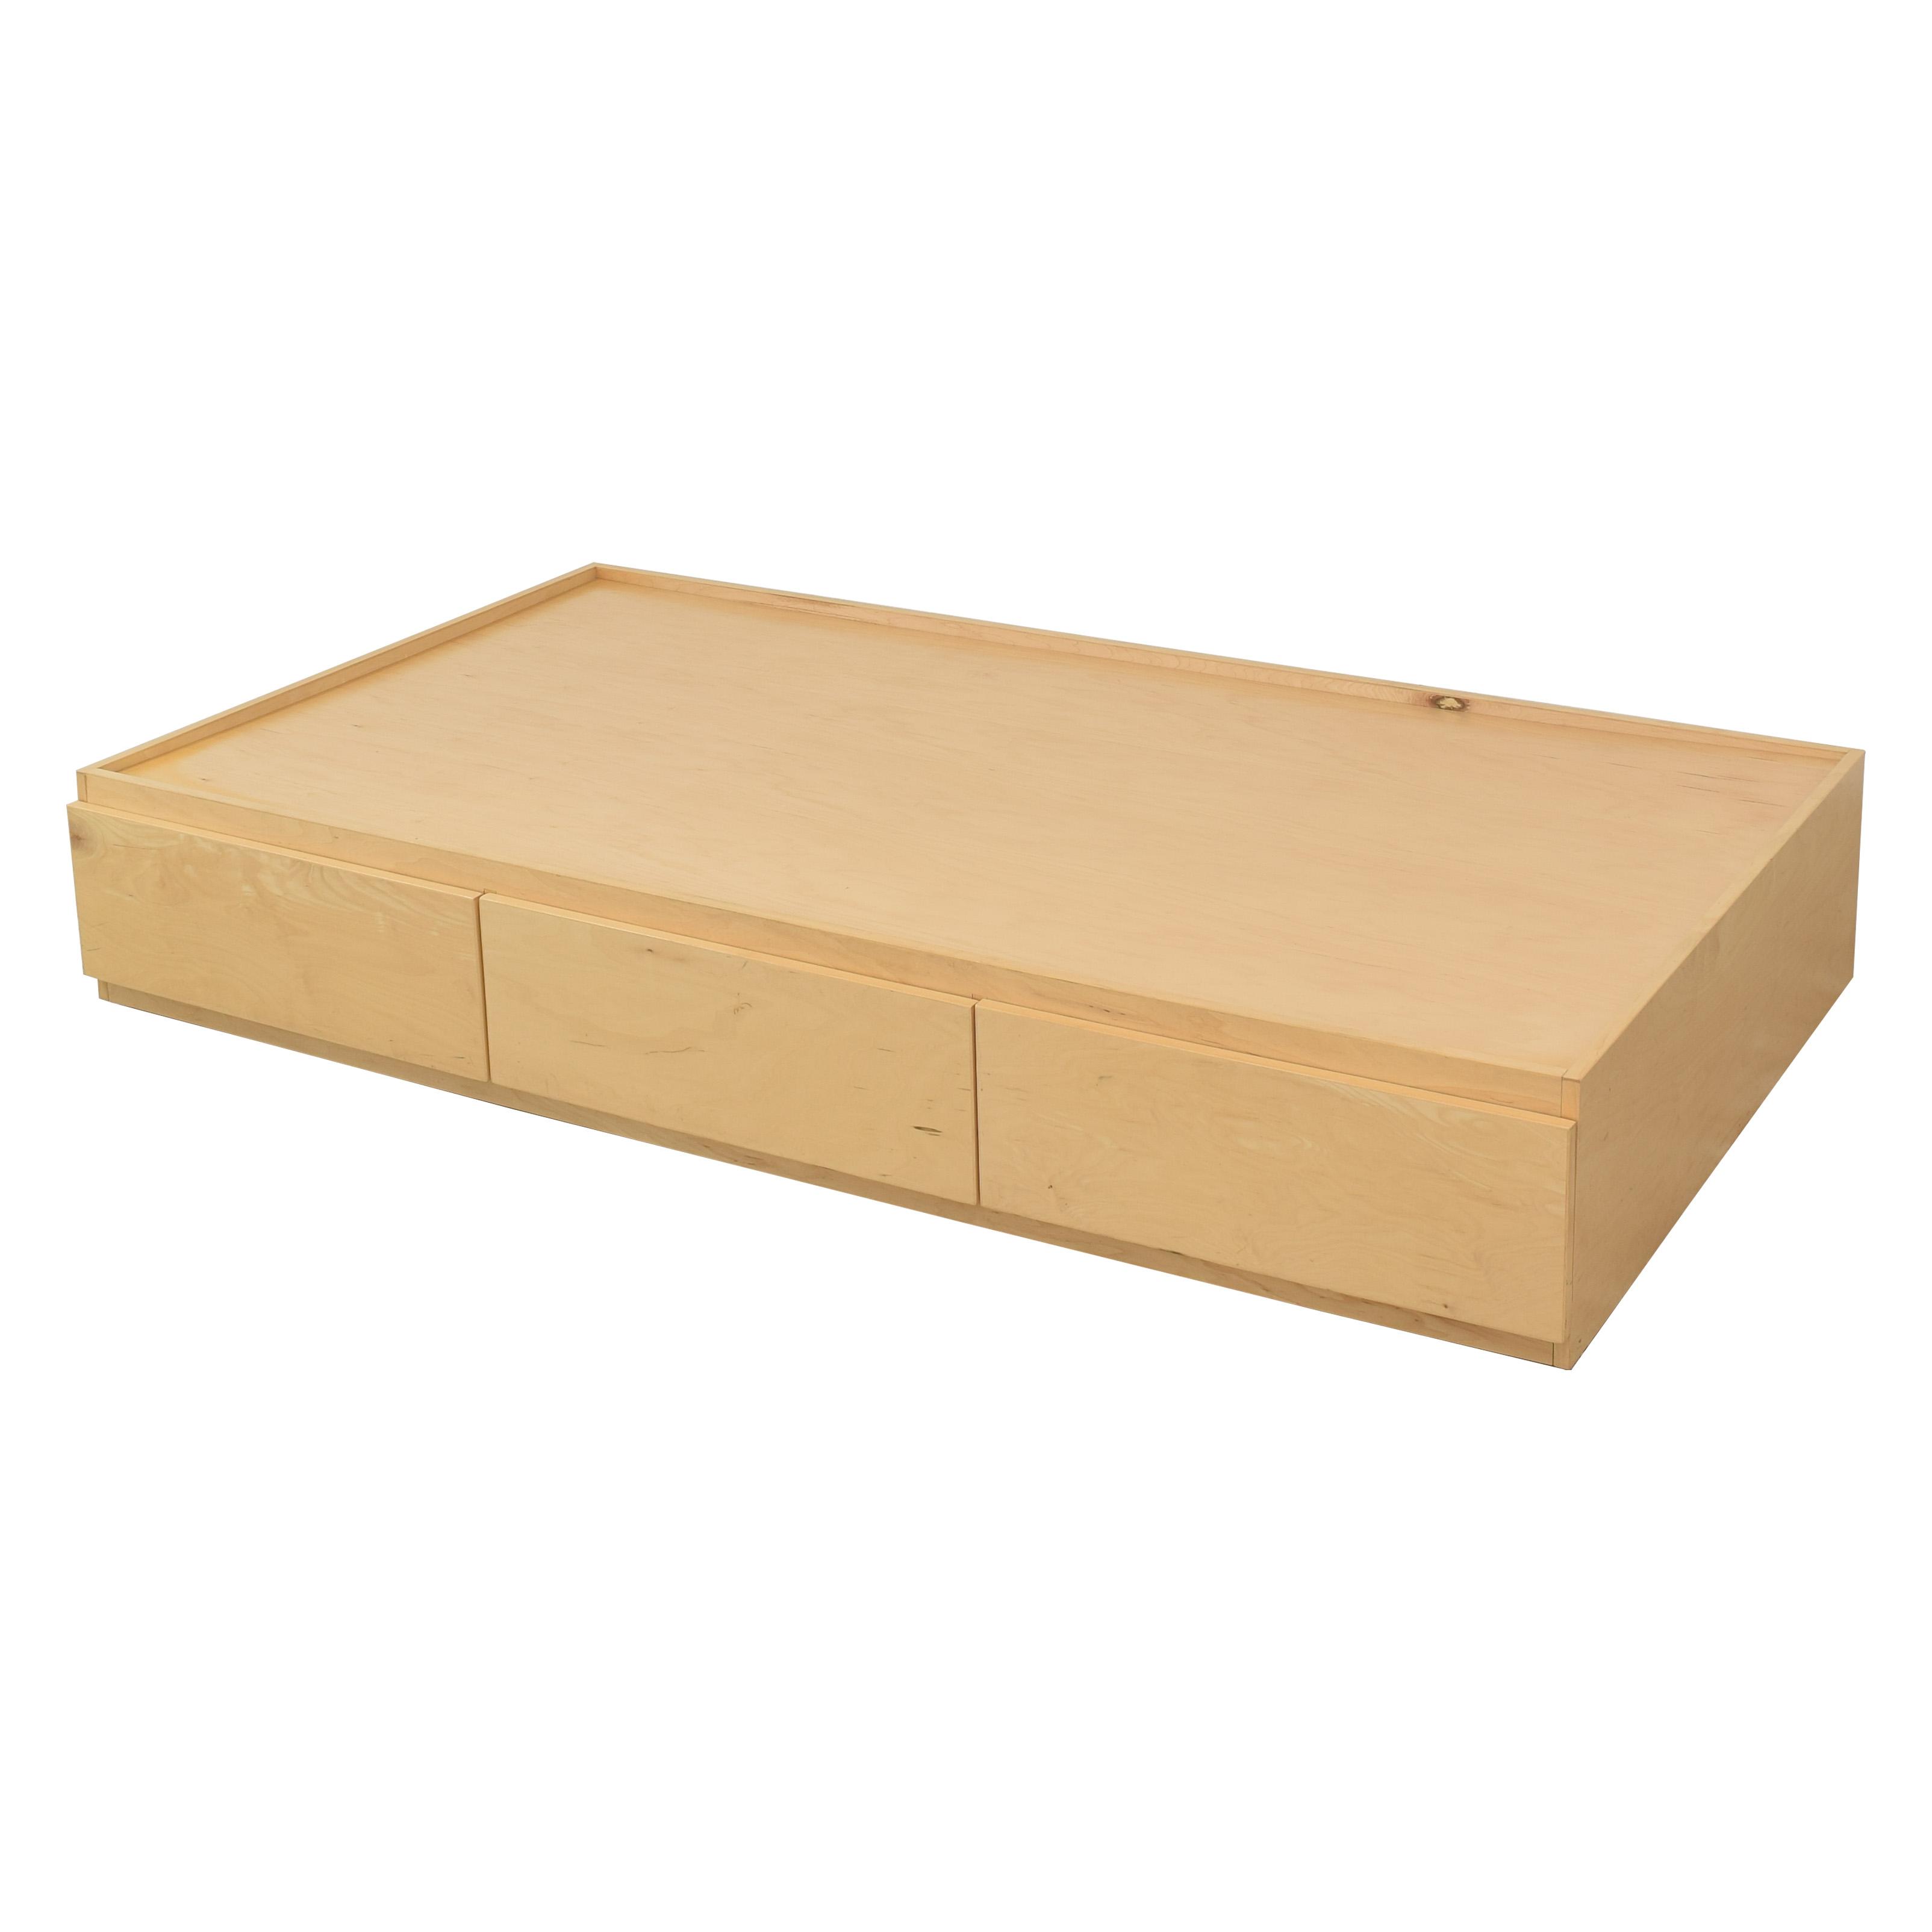 Urbangreen Furniture Urbangreen Thompson Twin Storage Bed brown